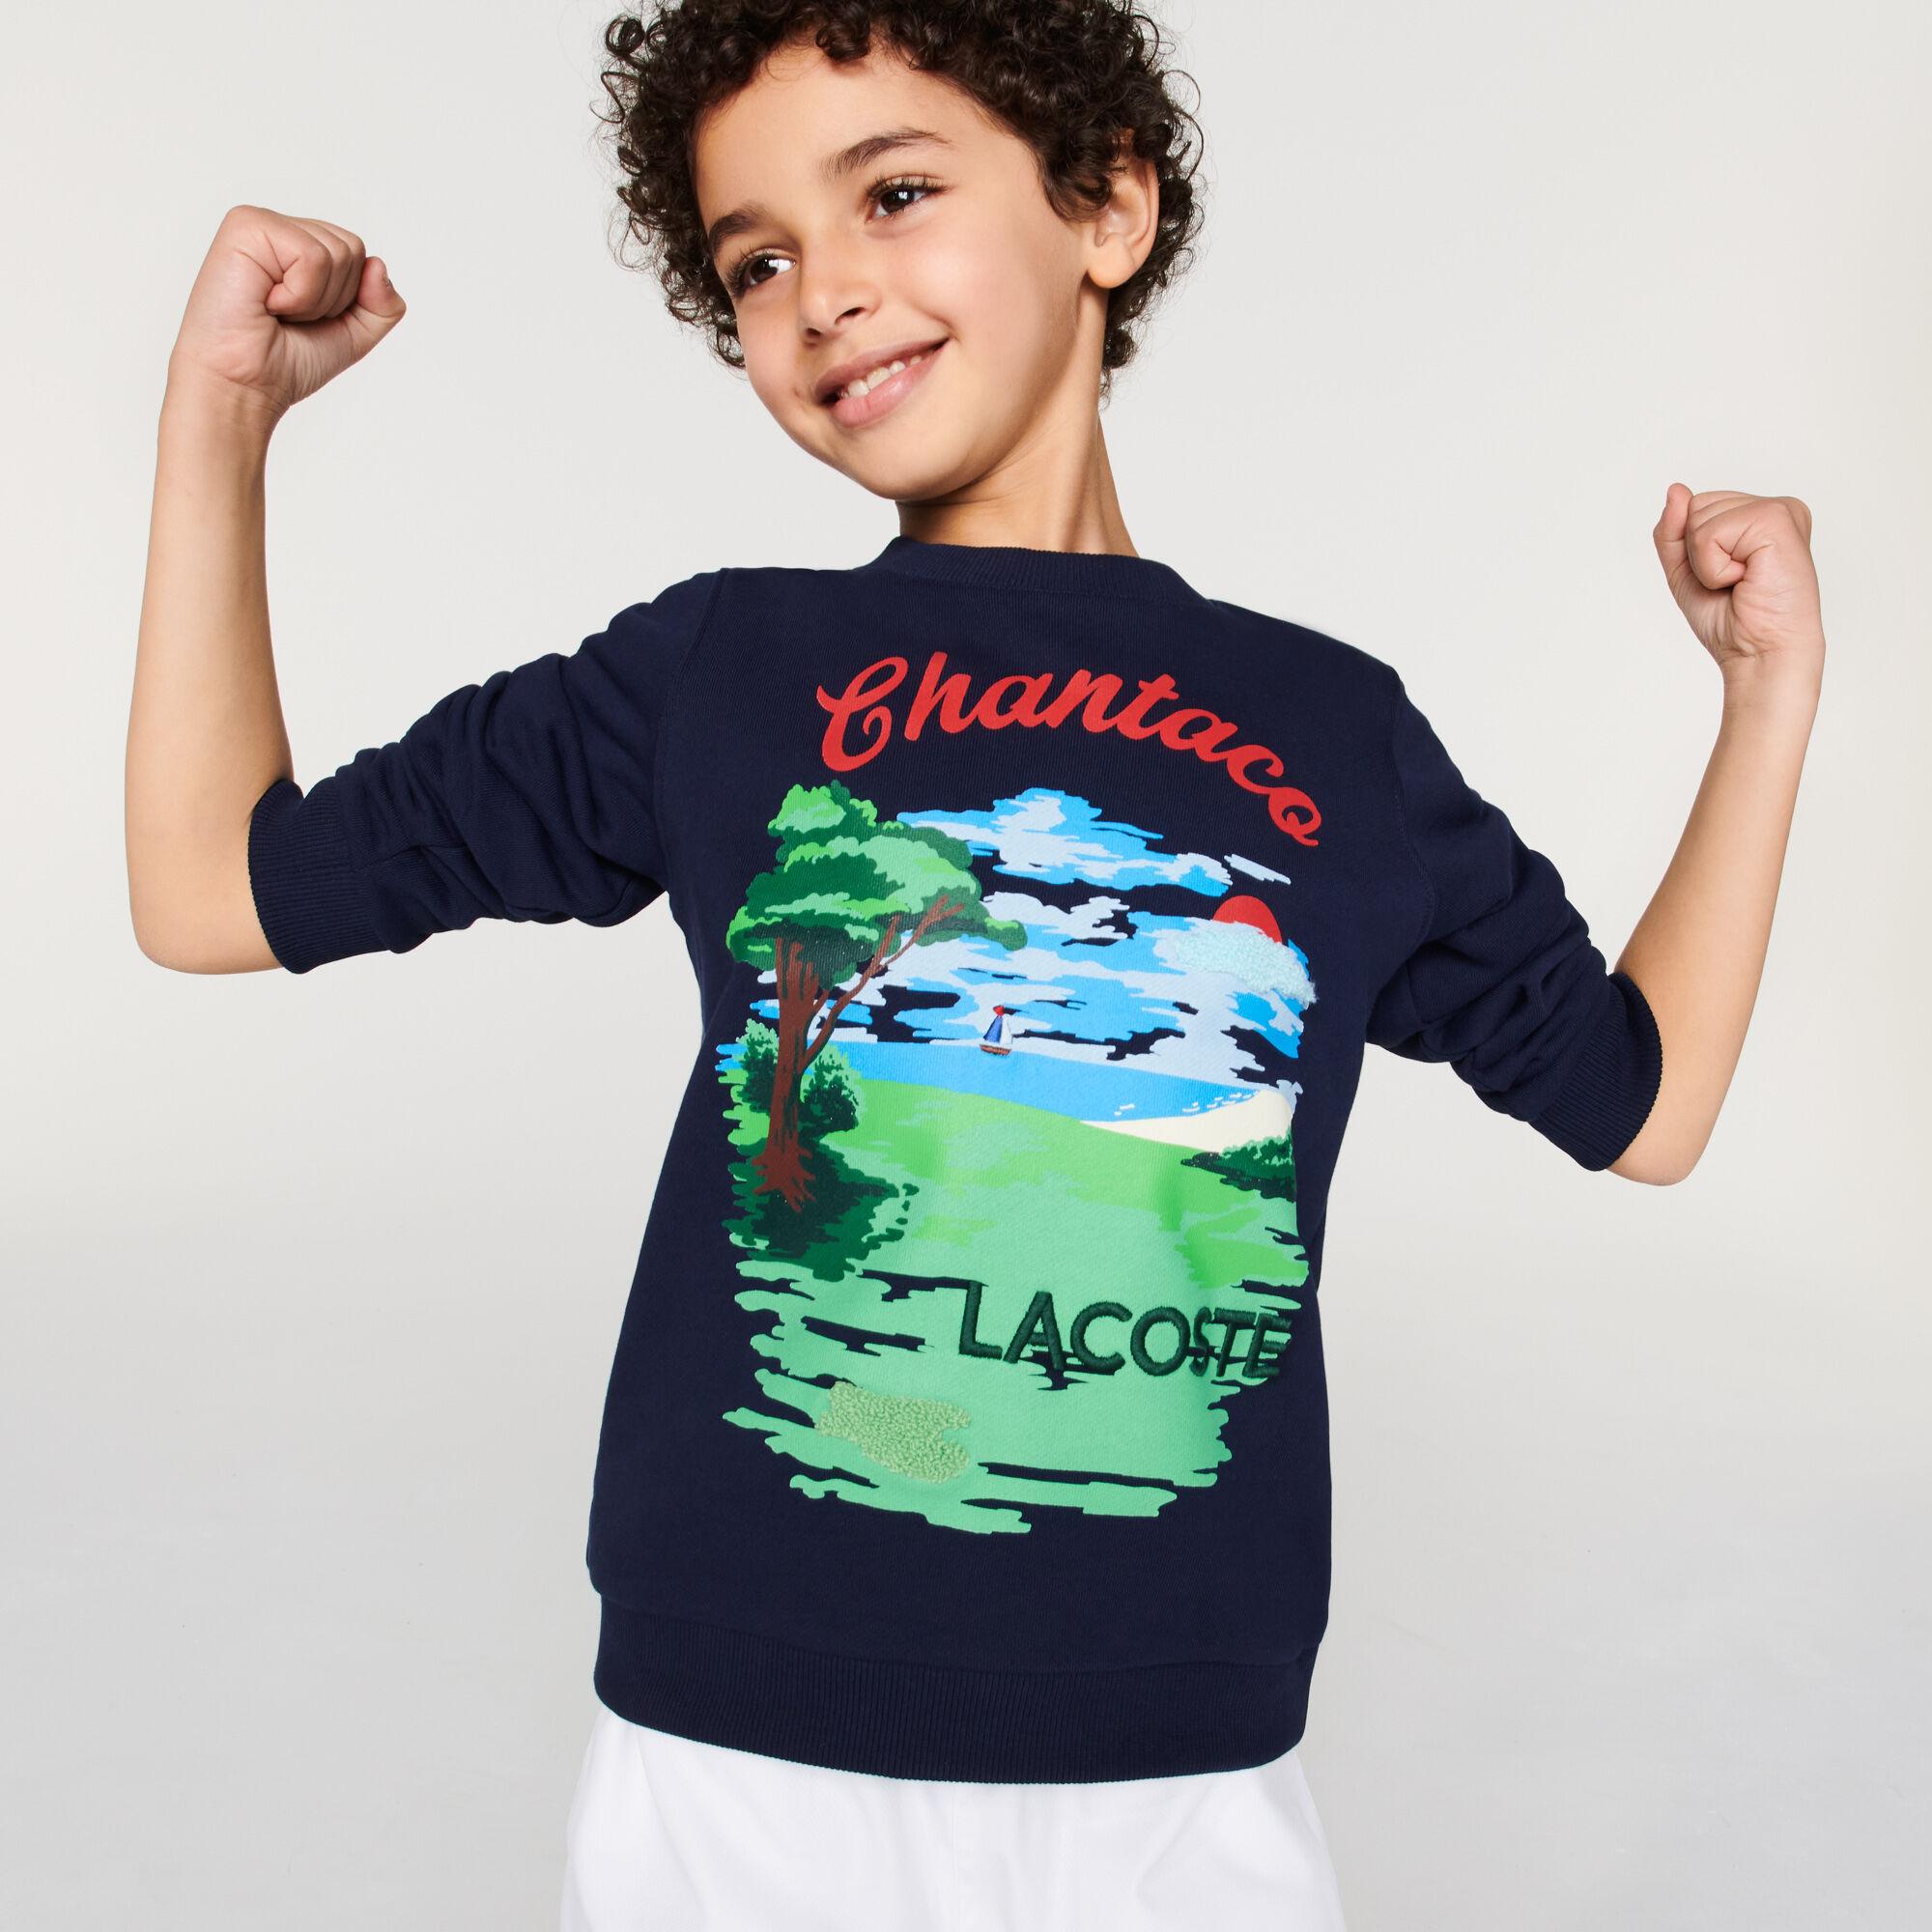 سويت شيرت صوف مع طباعة Chantaco للأولاد